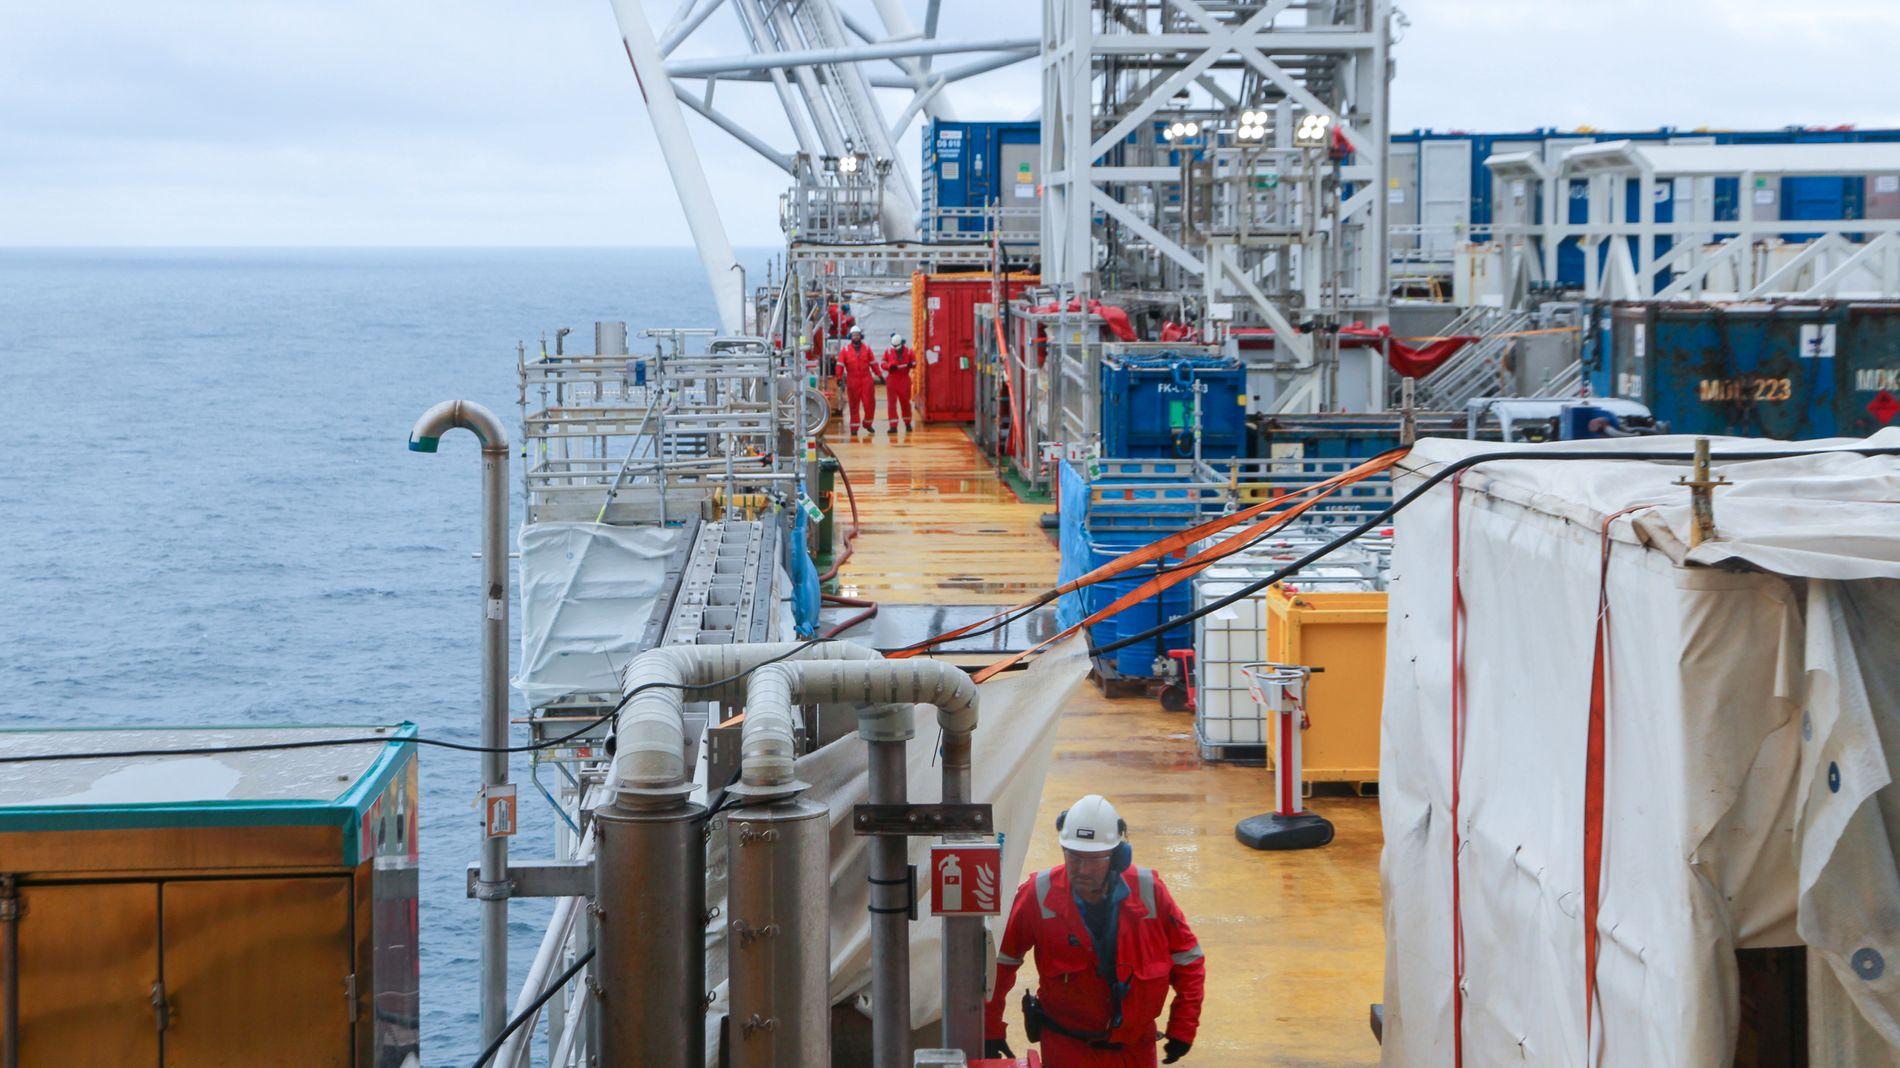 TRENGER ARBEIDERE: Oljebransjen klarer ikke fylle oljejobbene som er tilgjengelige. Bildet viser Johan Sverdrup-feltet i Nordsjøen.